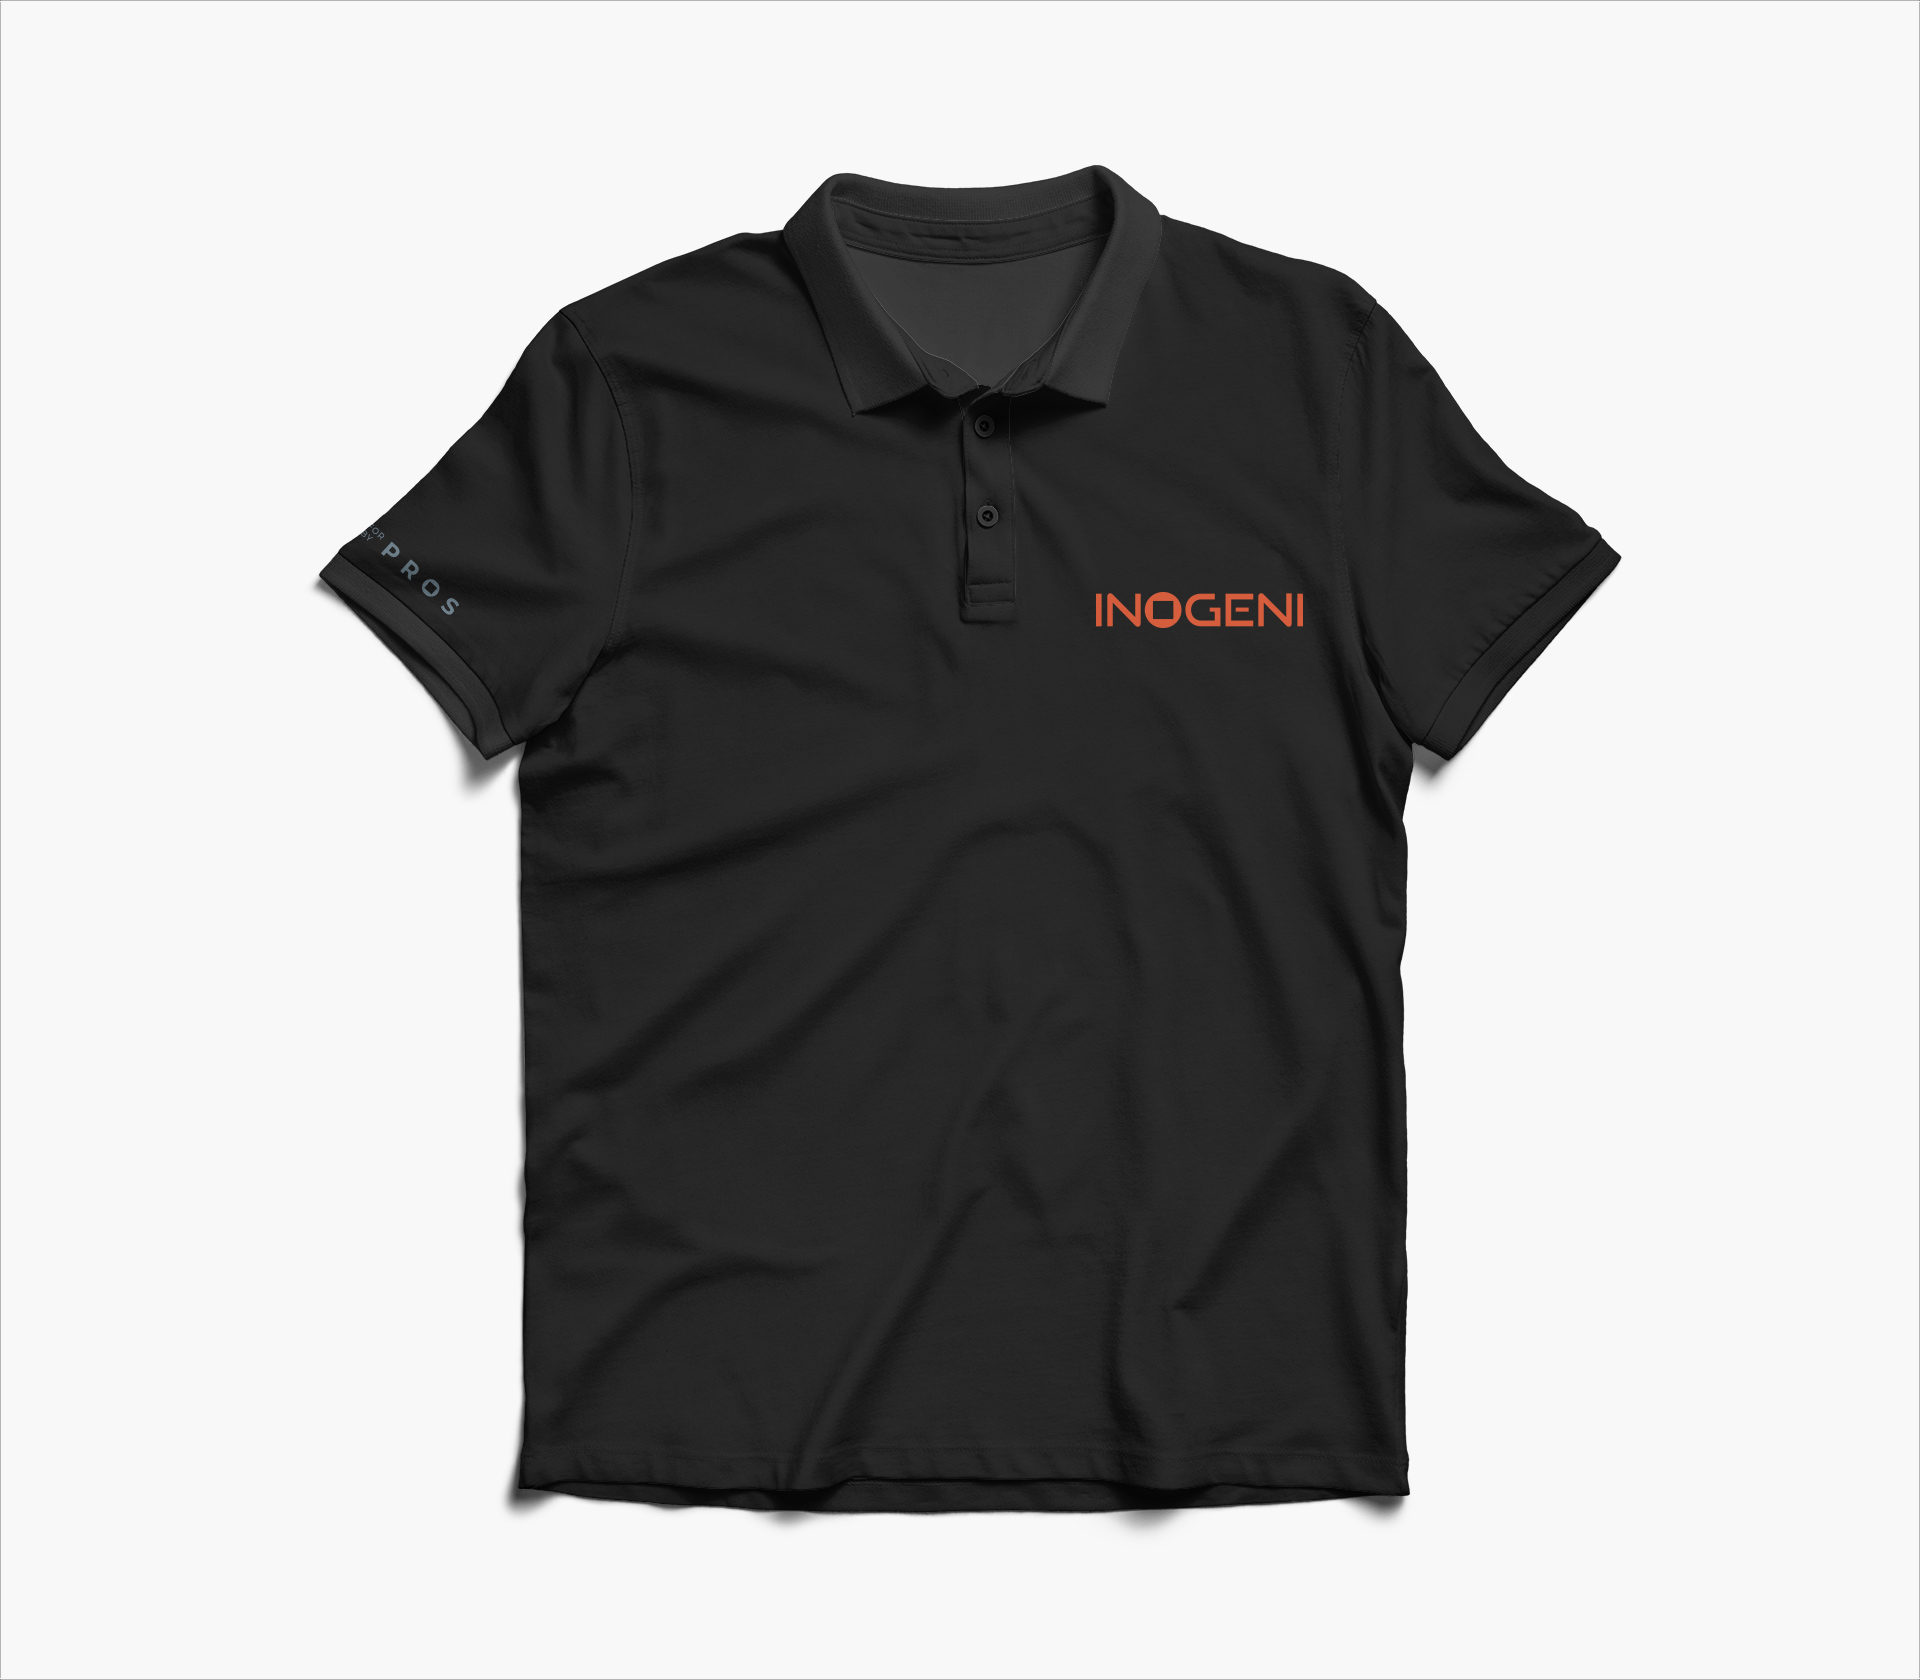 inogeni-t-shirt-1